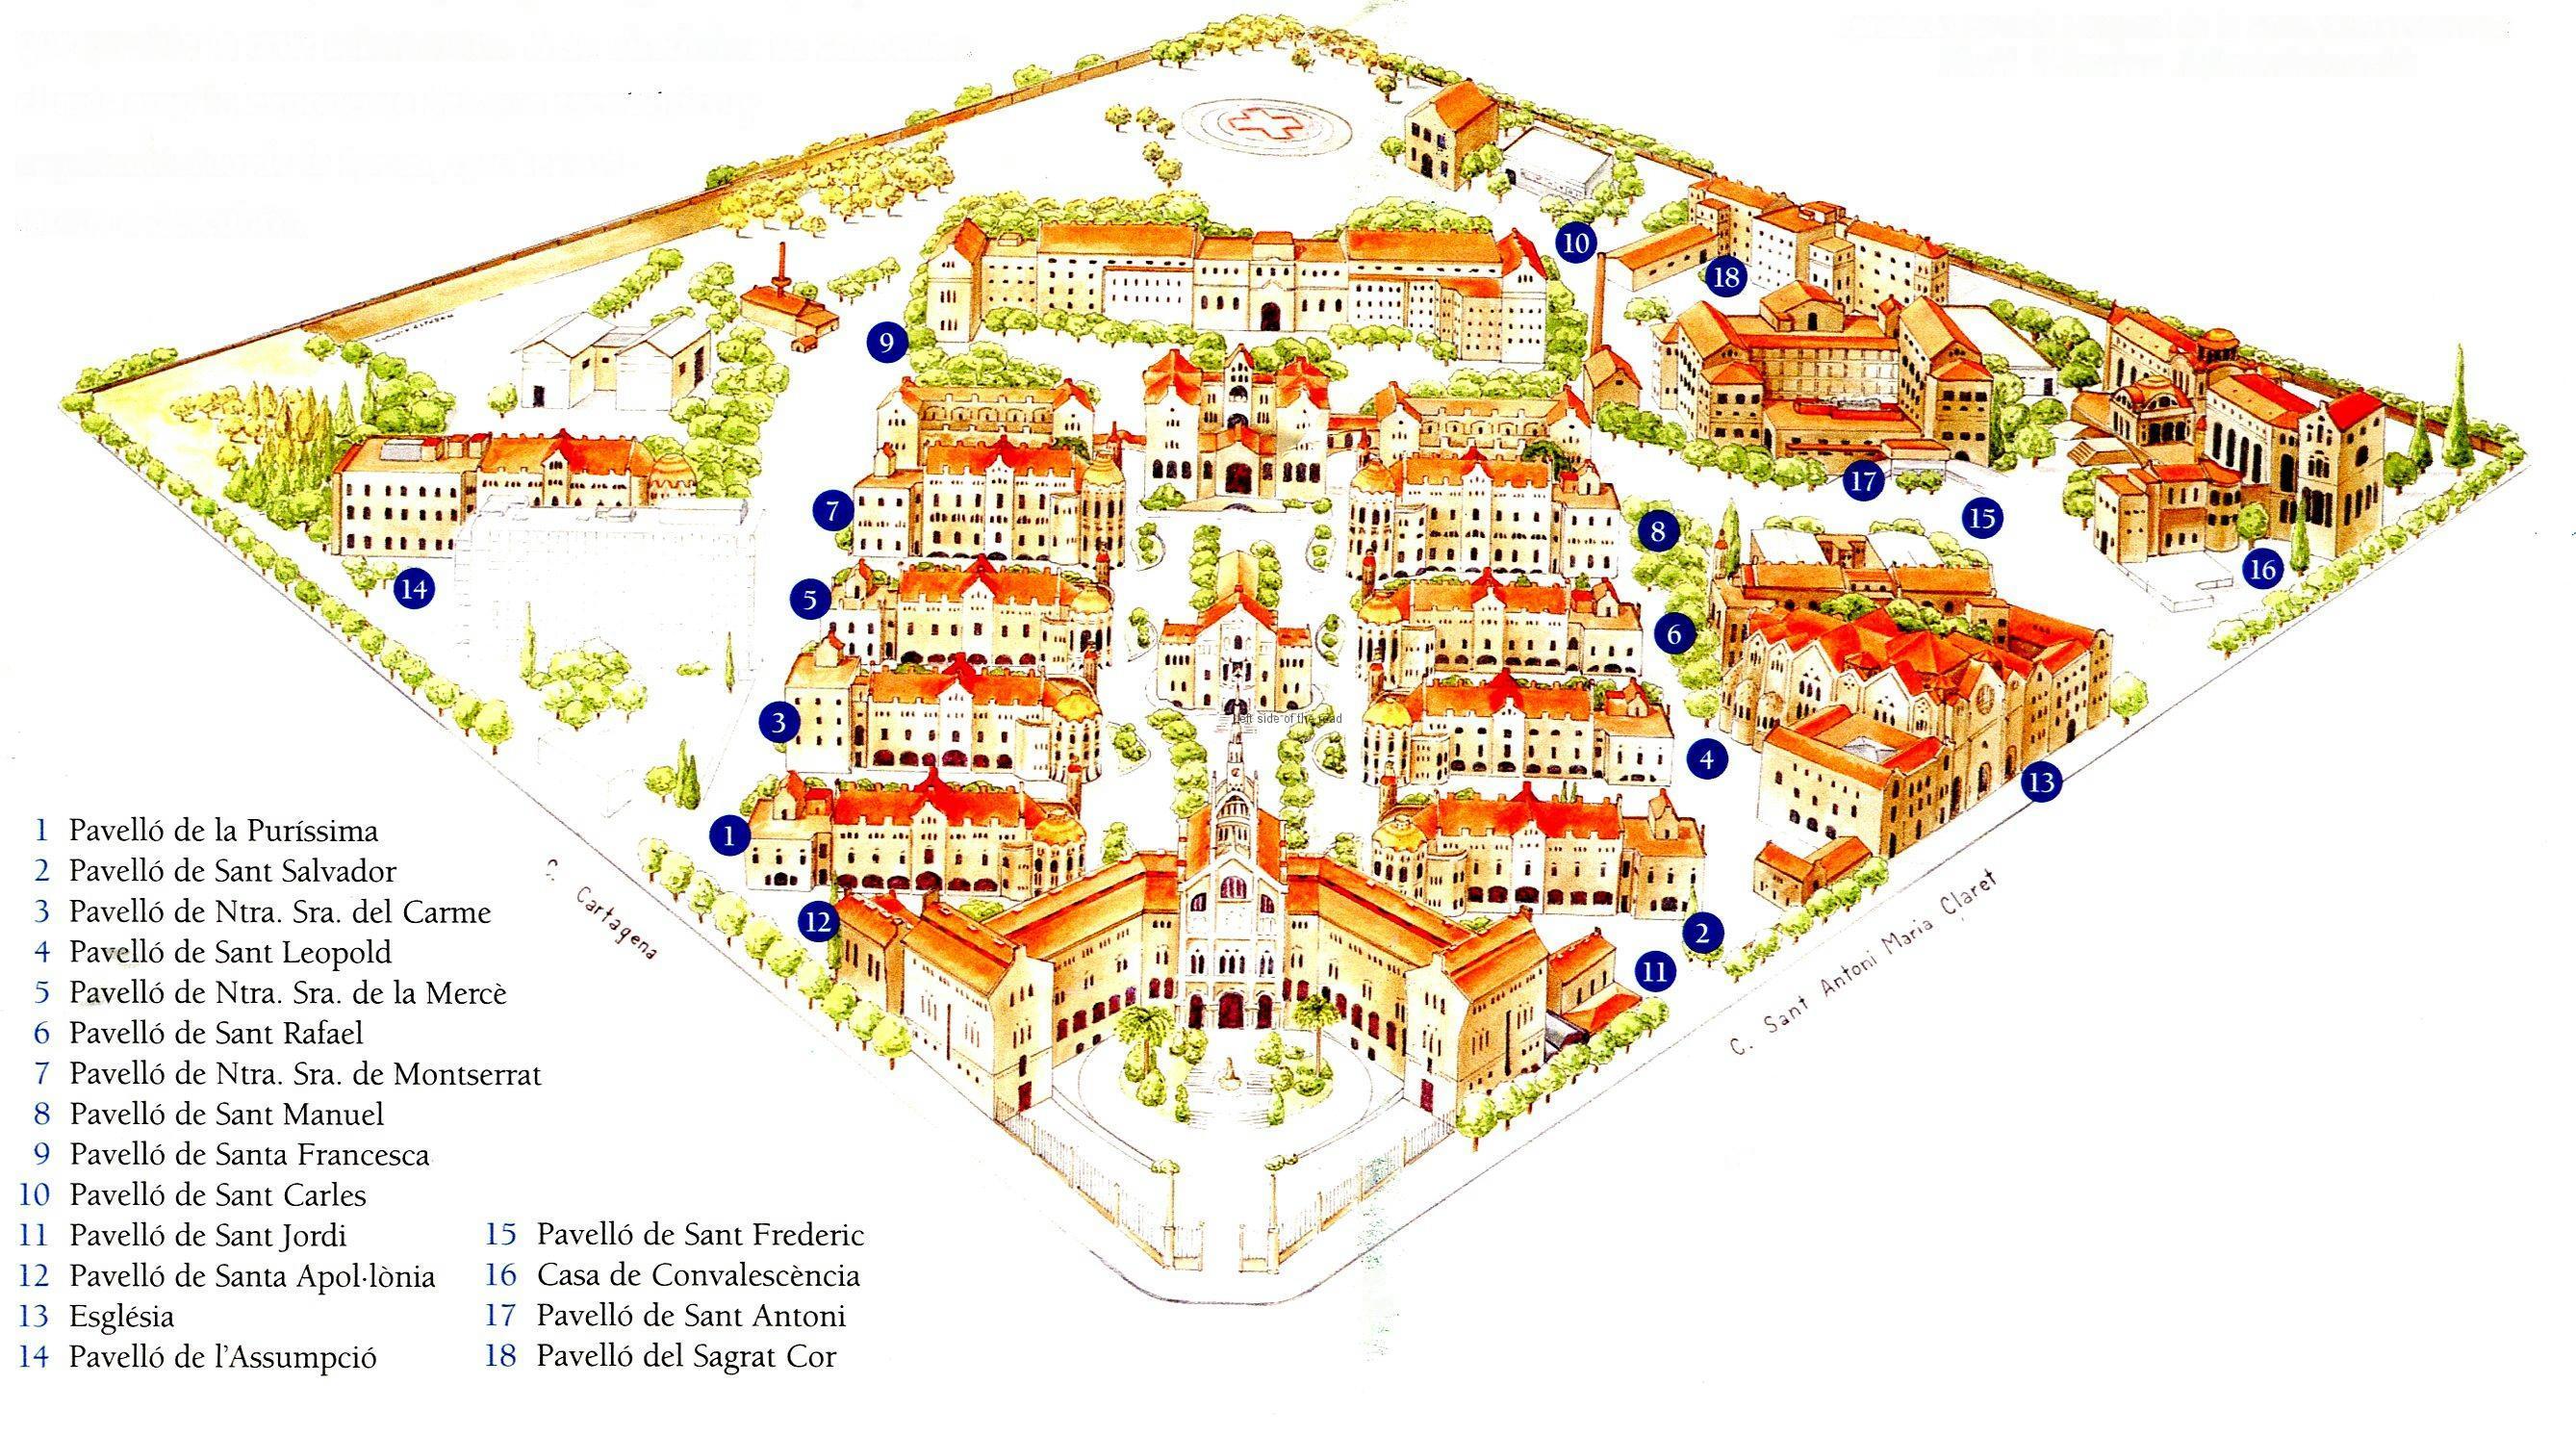 Hospital Santa Creu i Sant Pau - Pavilions